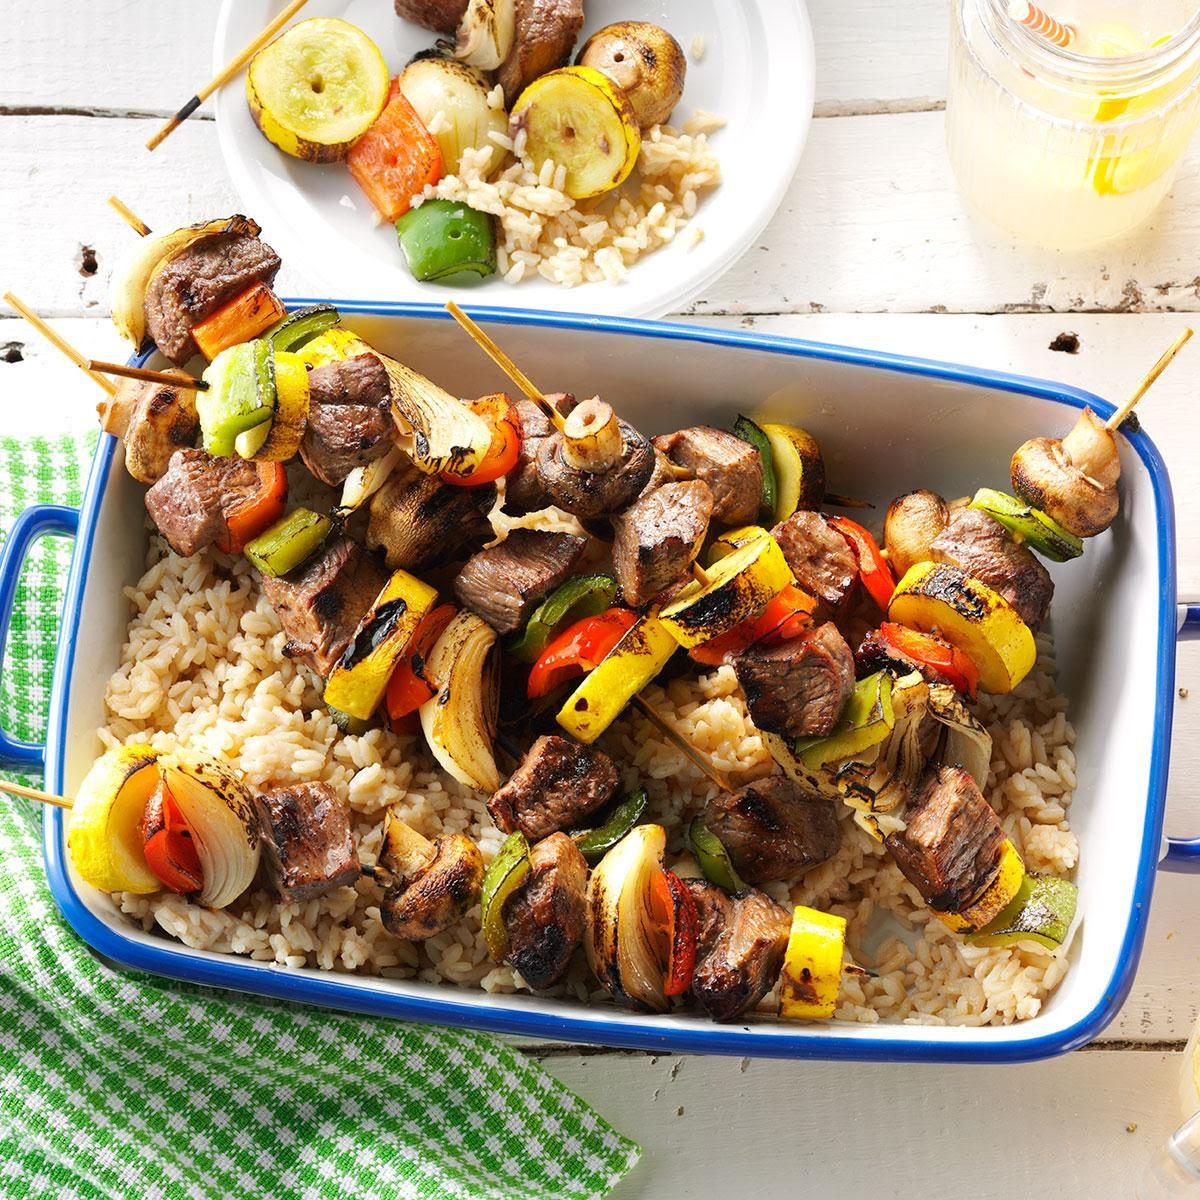 Summer Steak Kabobs Recipe | Taste of Home